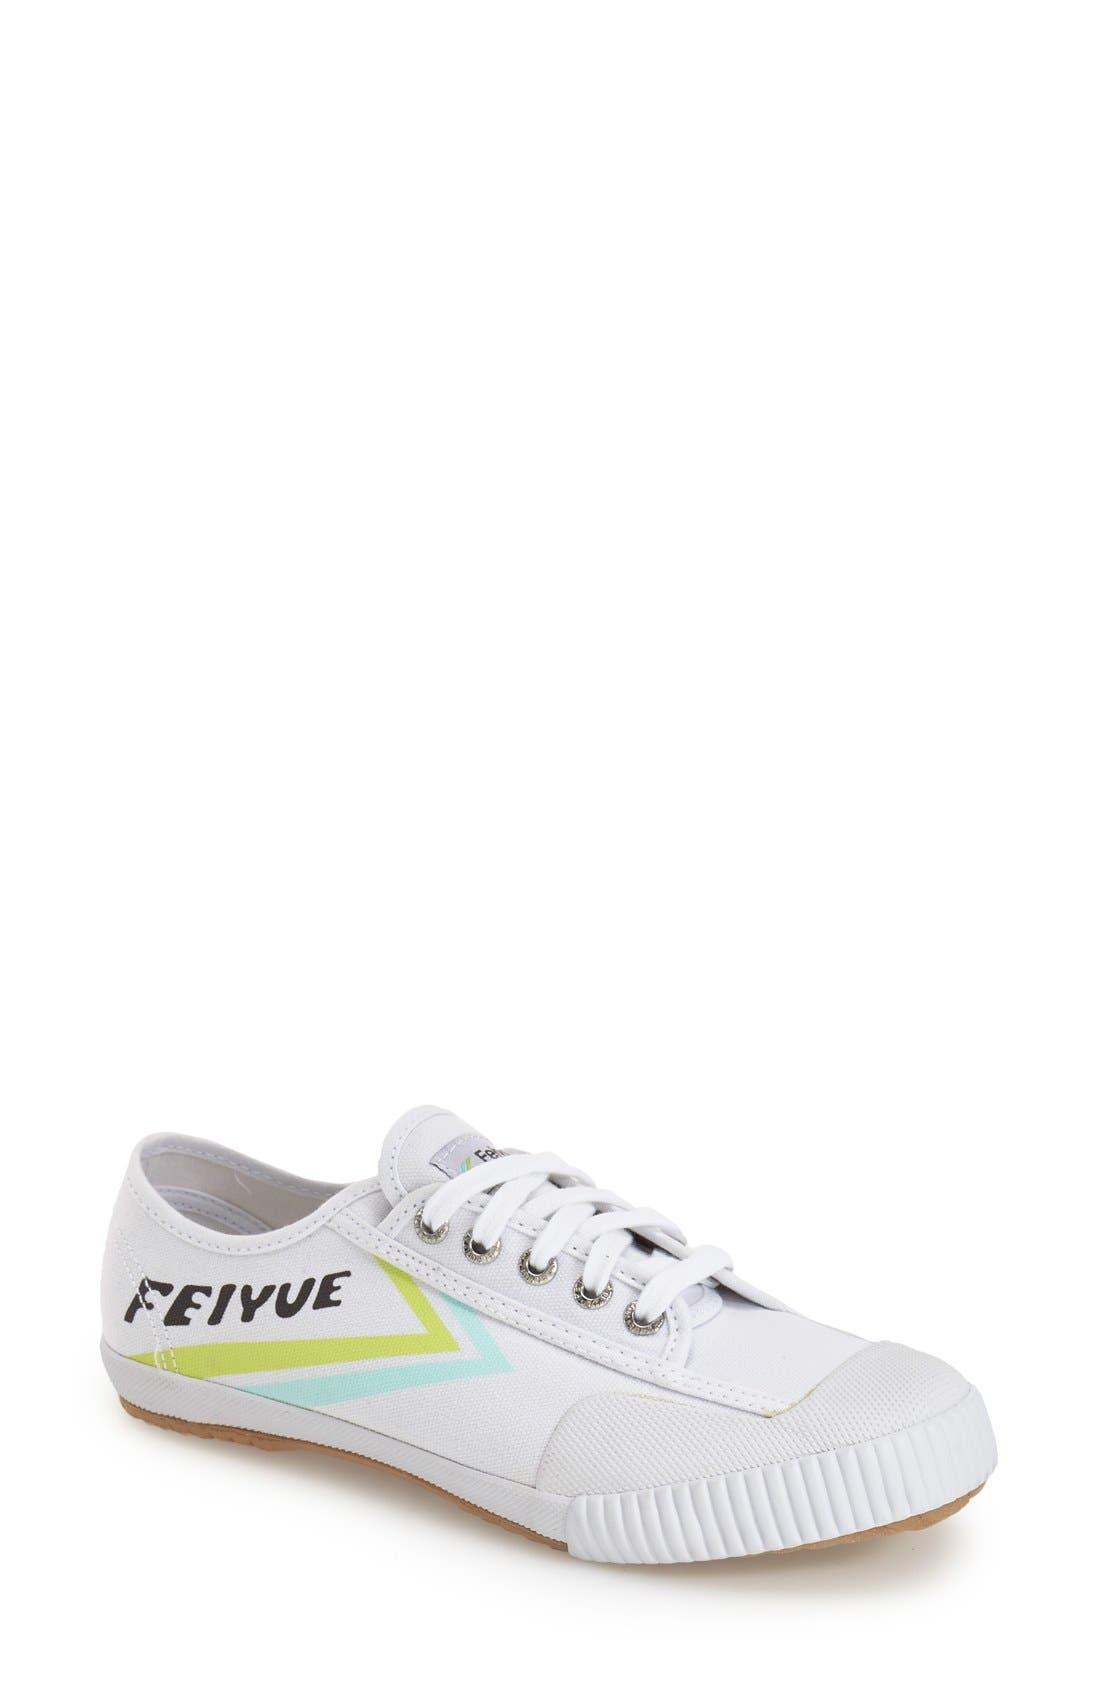 FEIYUE. Fe Lo Classic Canvas Sneaker